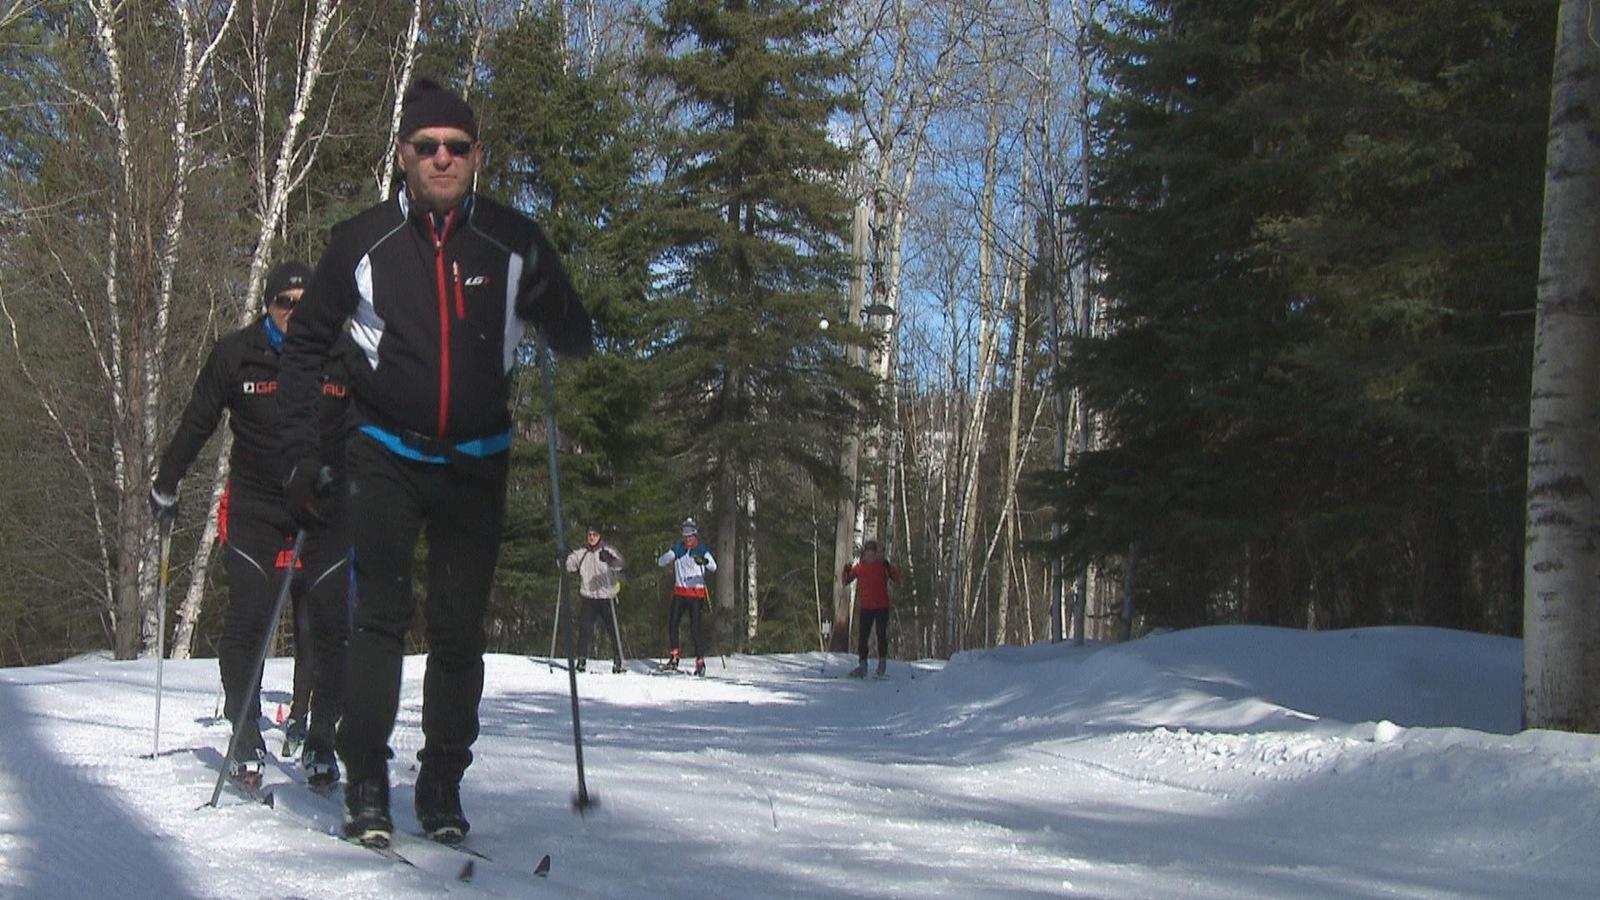 Des hommes en ski de fond dans un sentier